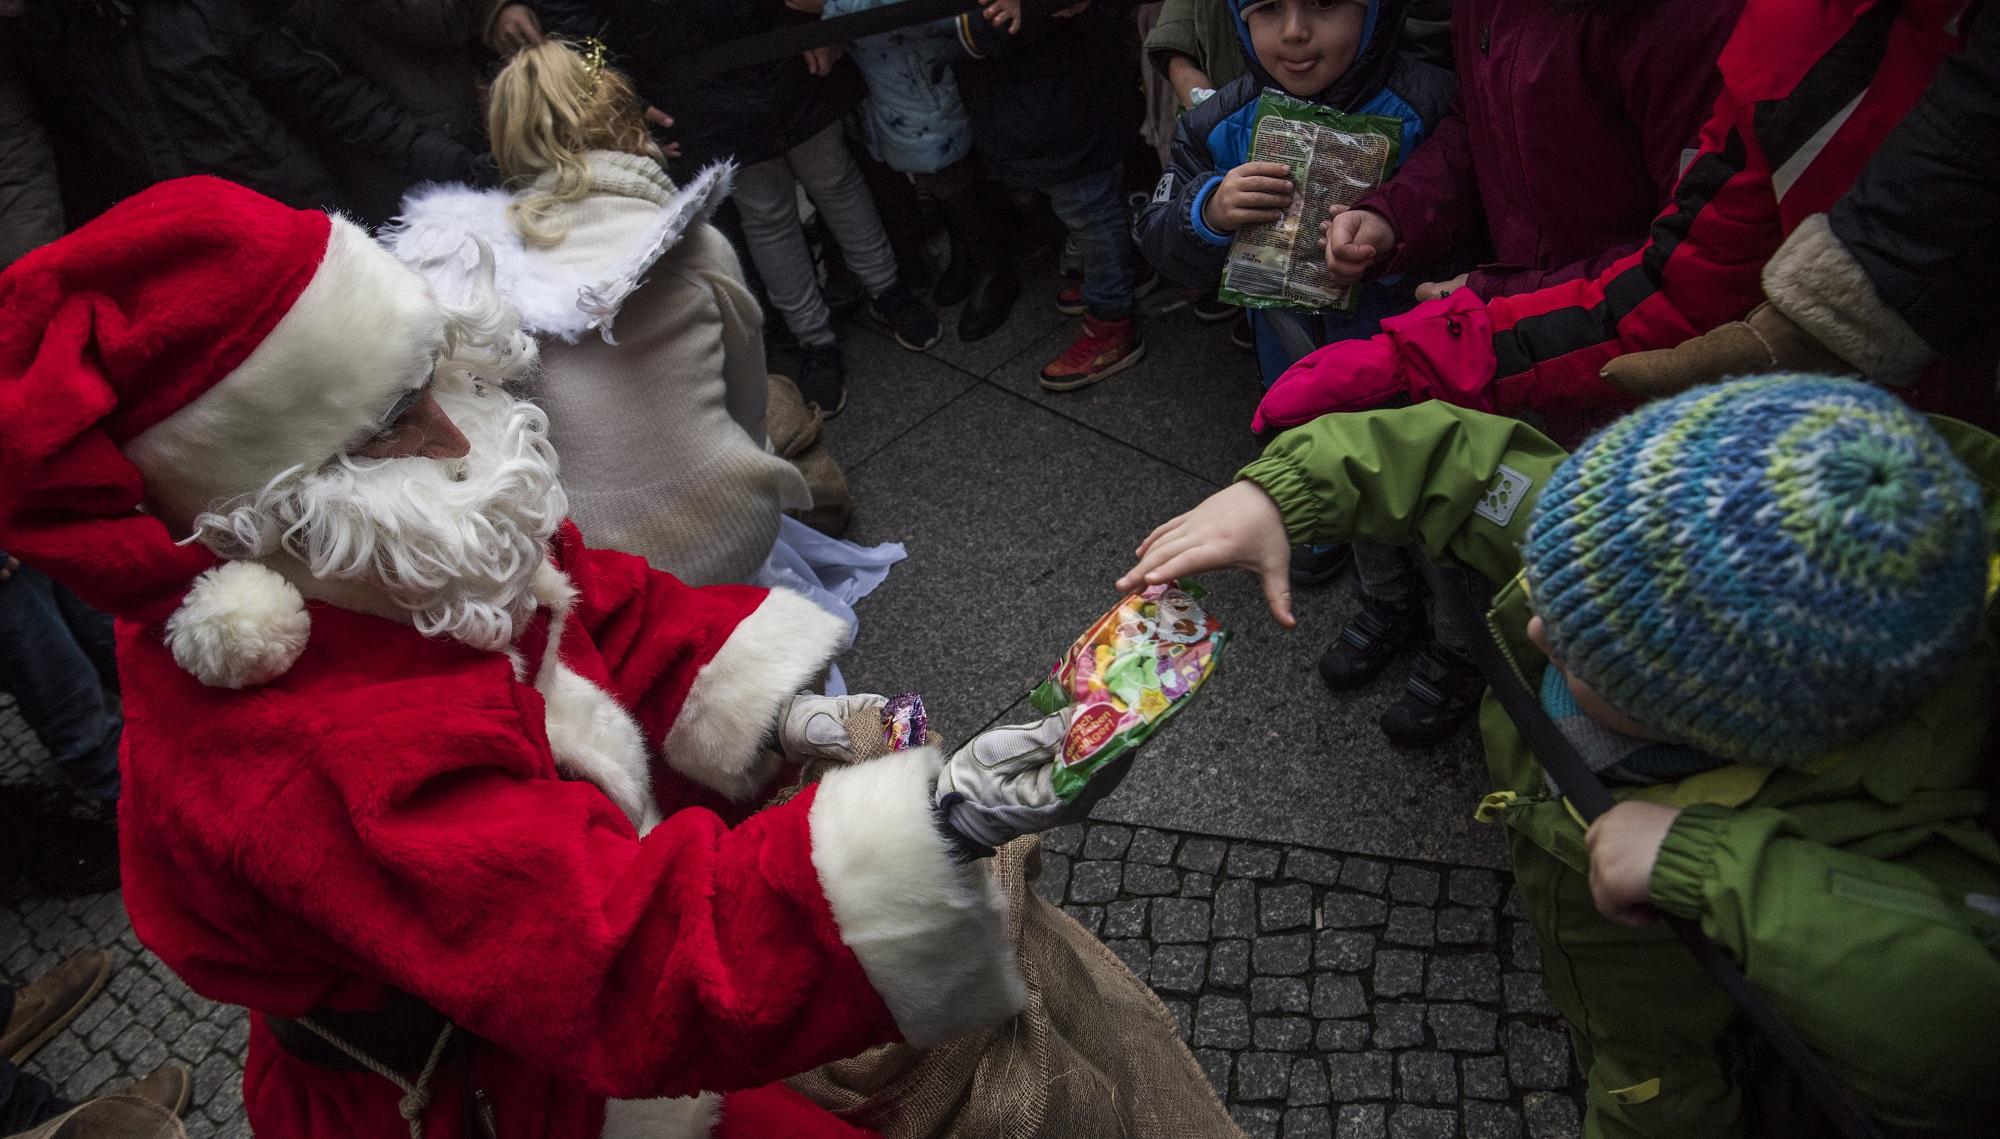 Bretagne: Sur le marché de Pontivy, le Père Noël était une ordure